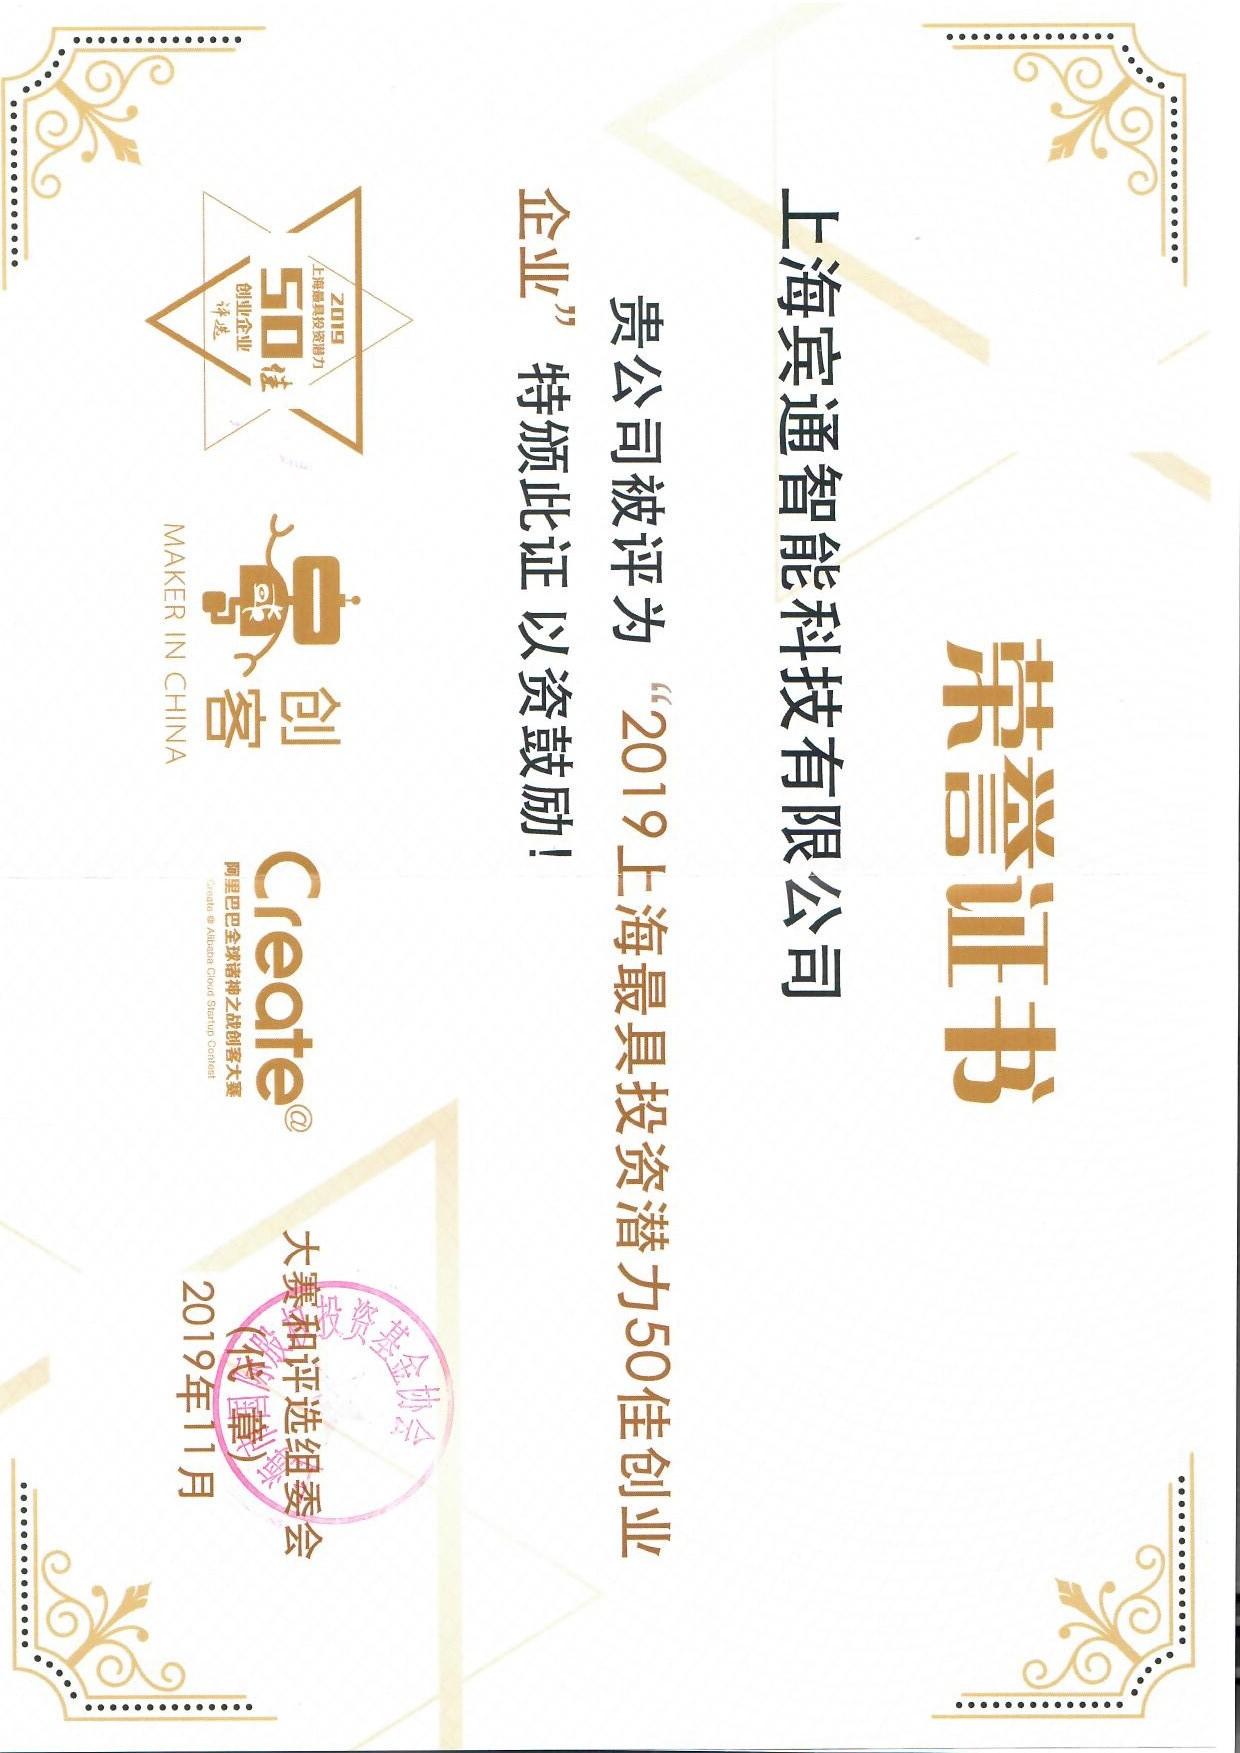 2019年度上海最具投资潜力50佳创业企业